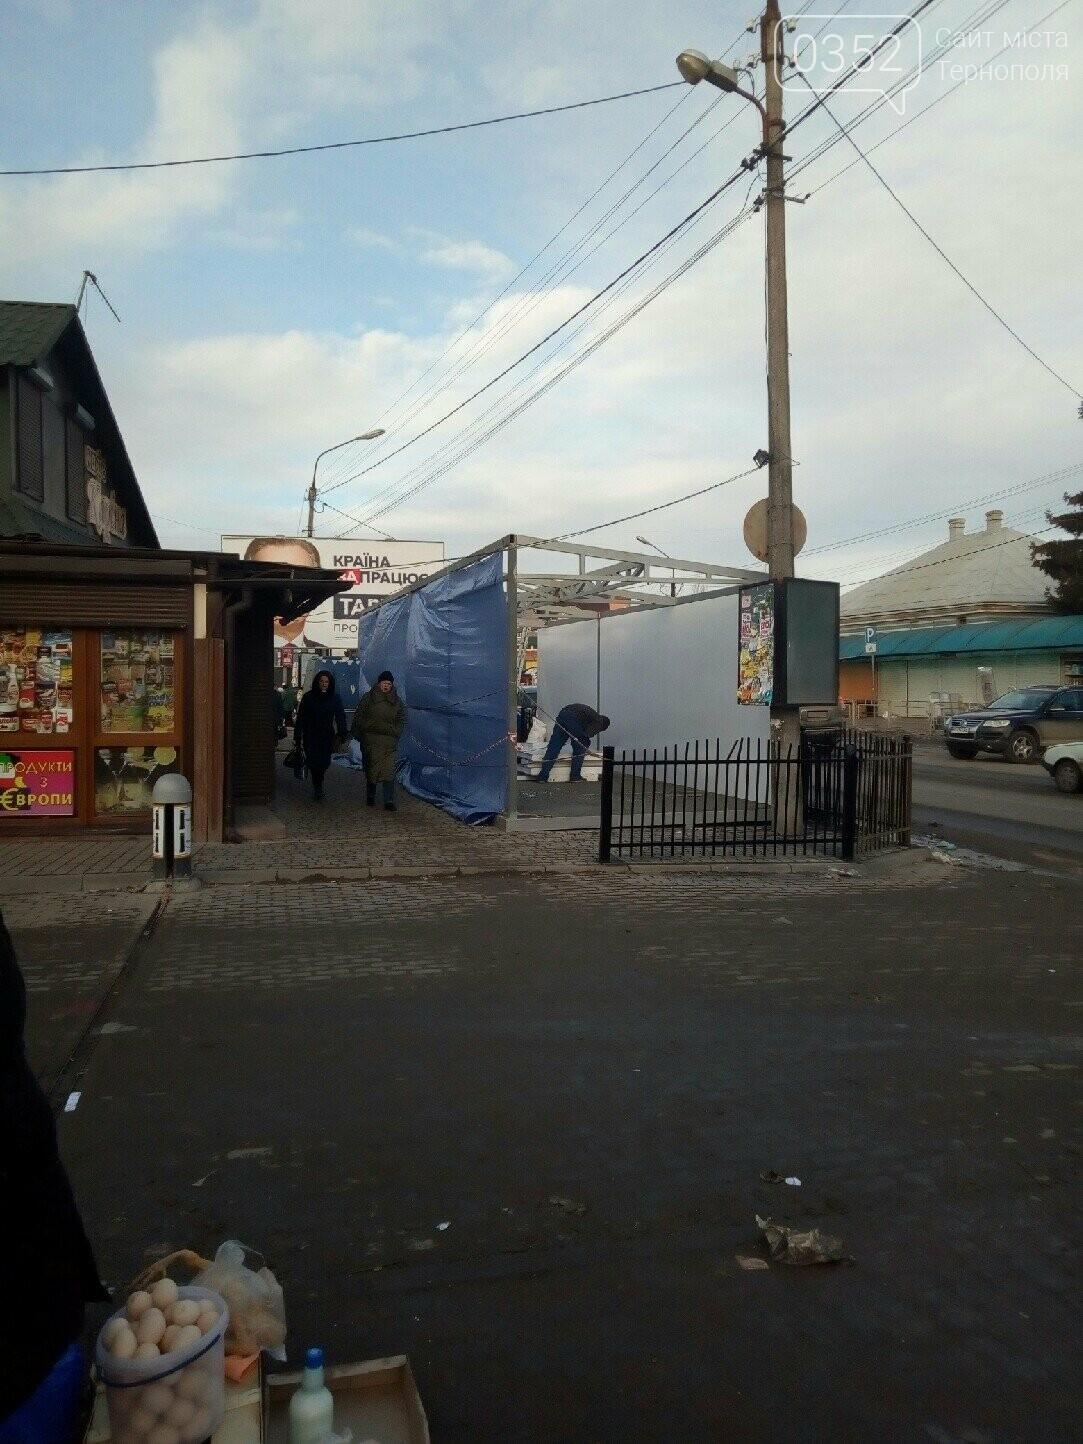 Вулицю Шептицького у Тернополі повністю забудували торговими будками (ФОТОФАКТ), фото-1